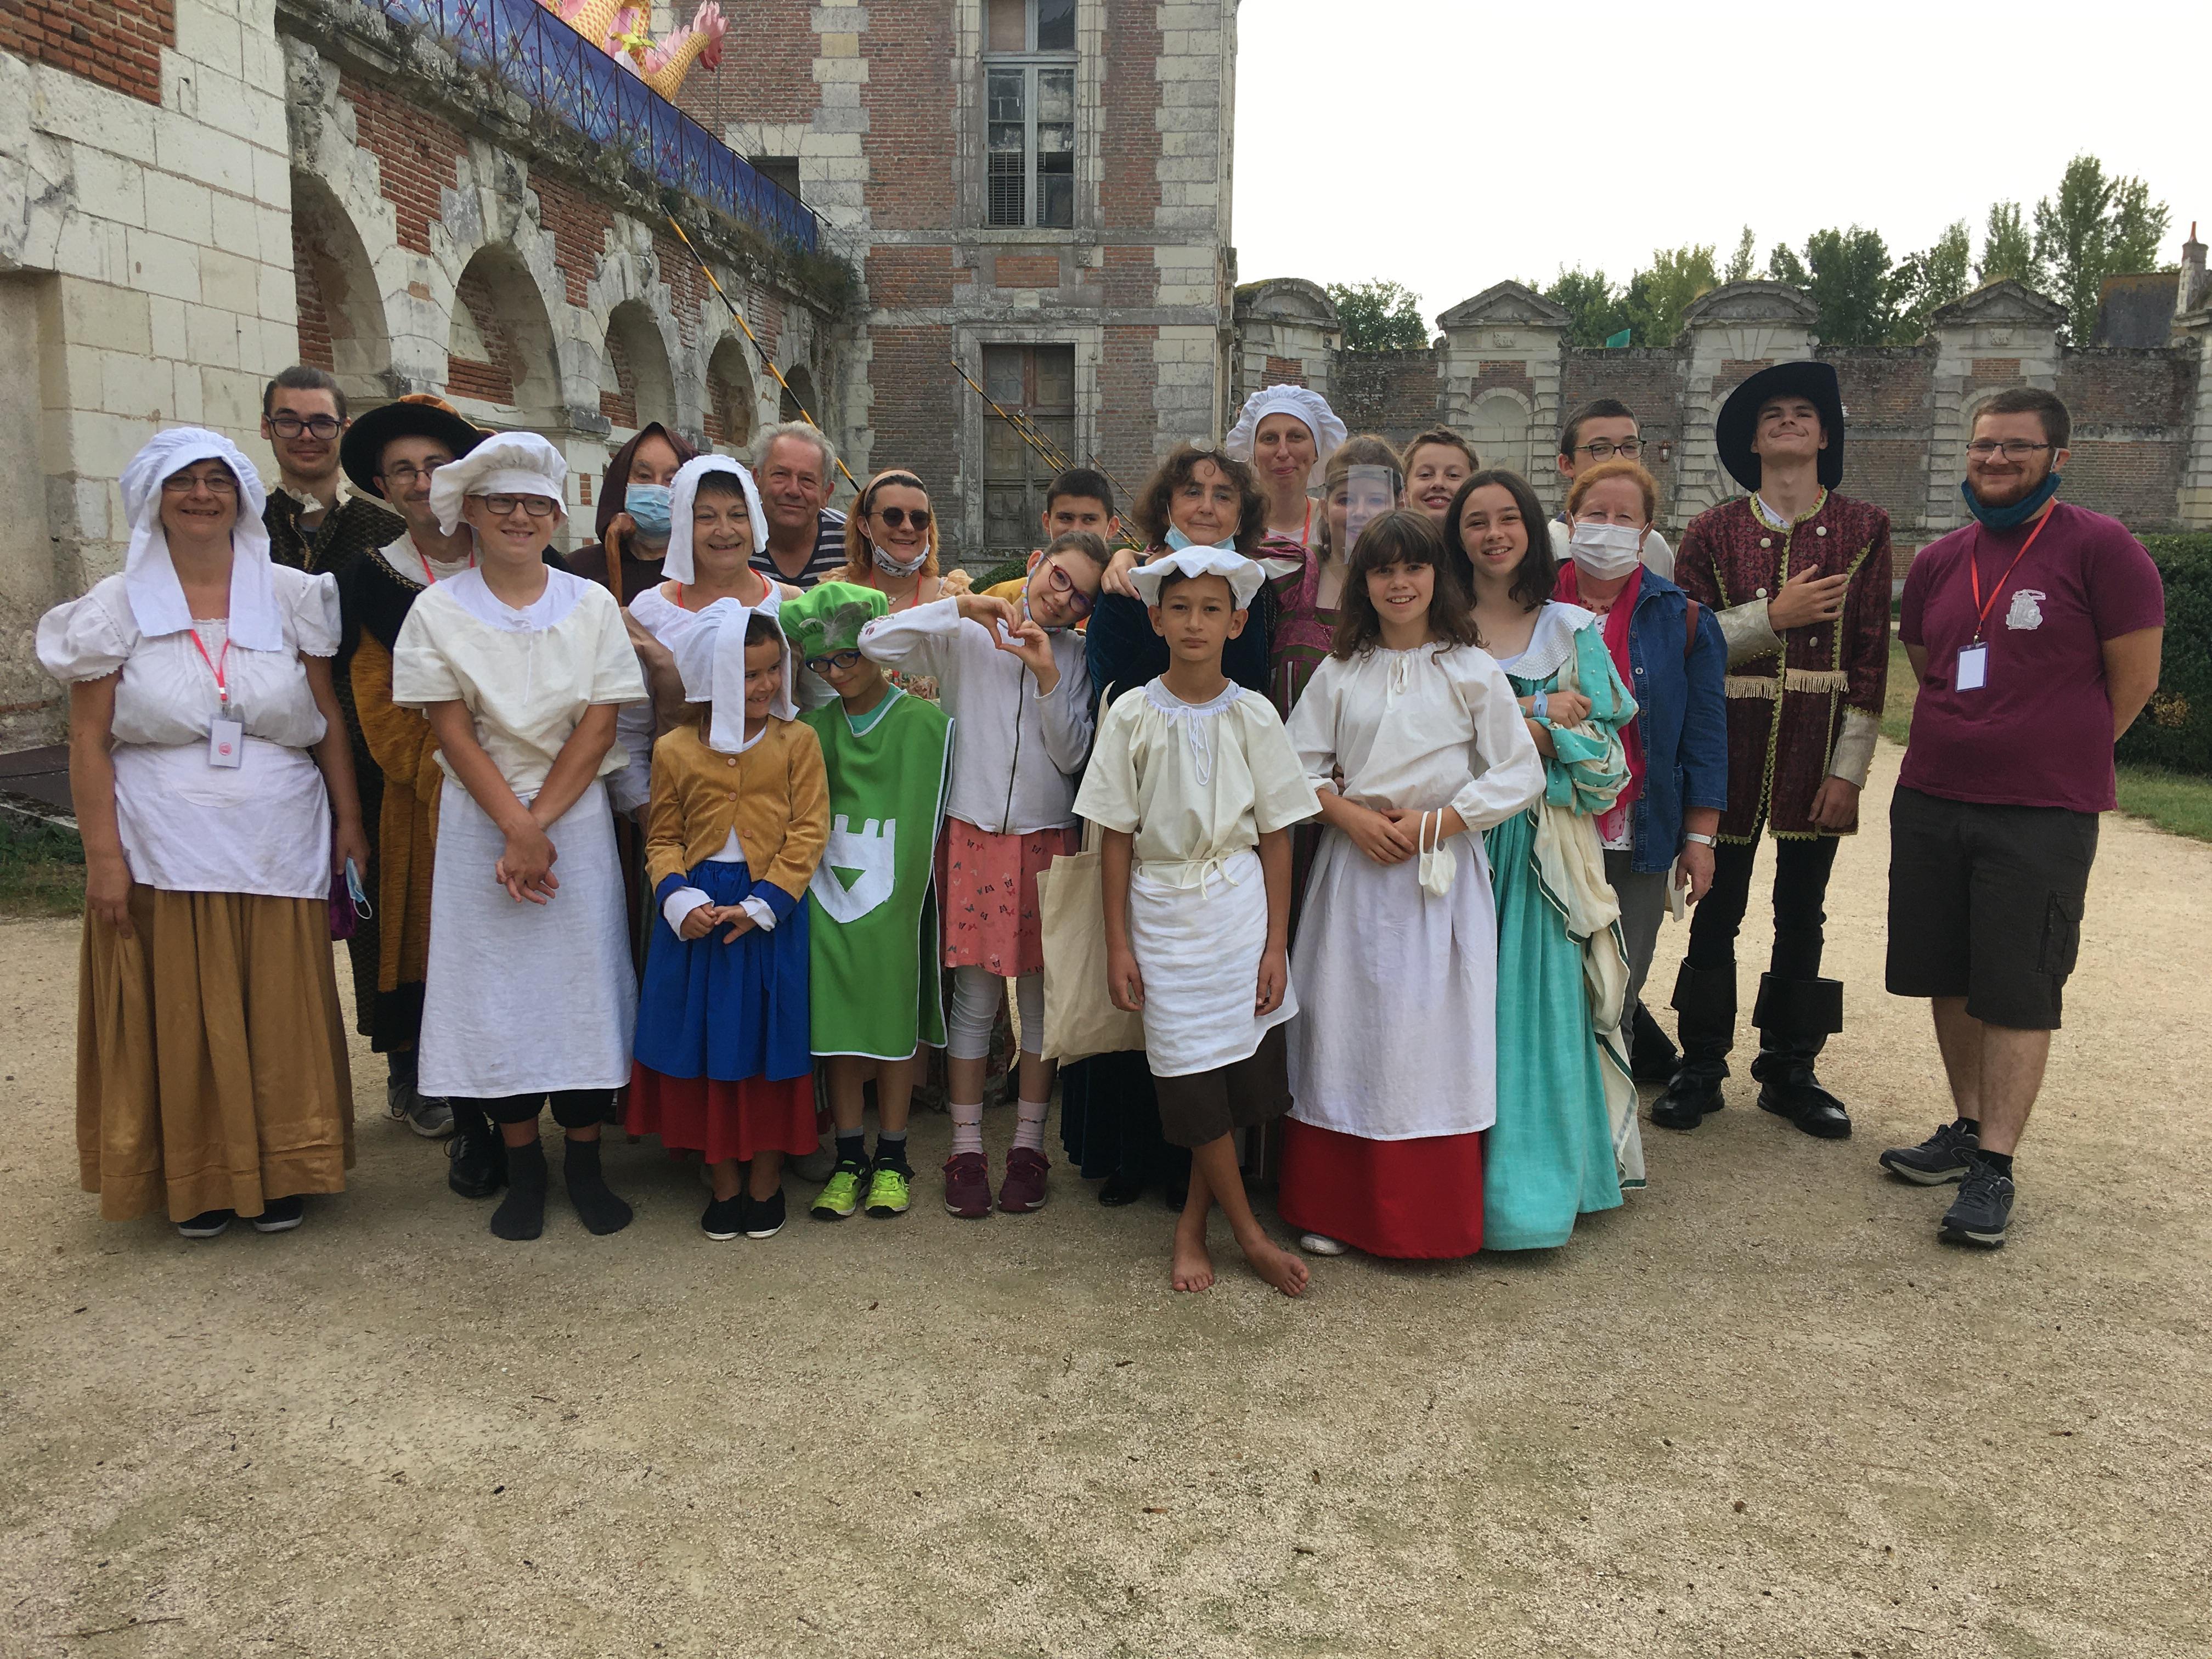 Du théâtre au château de Selles-sur-Cher